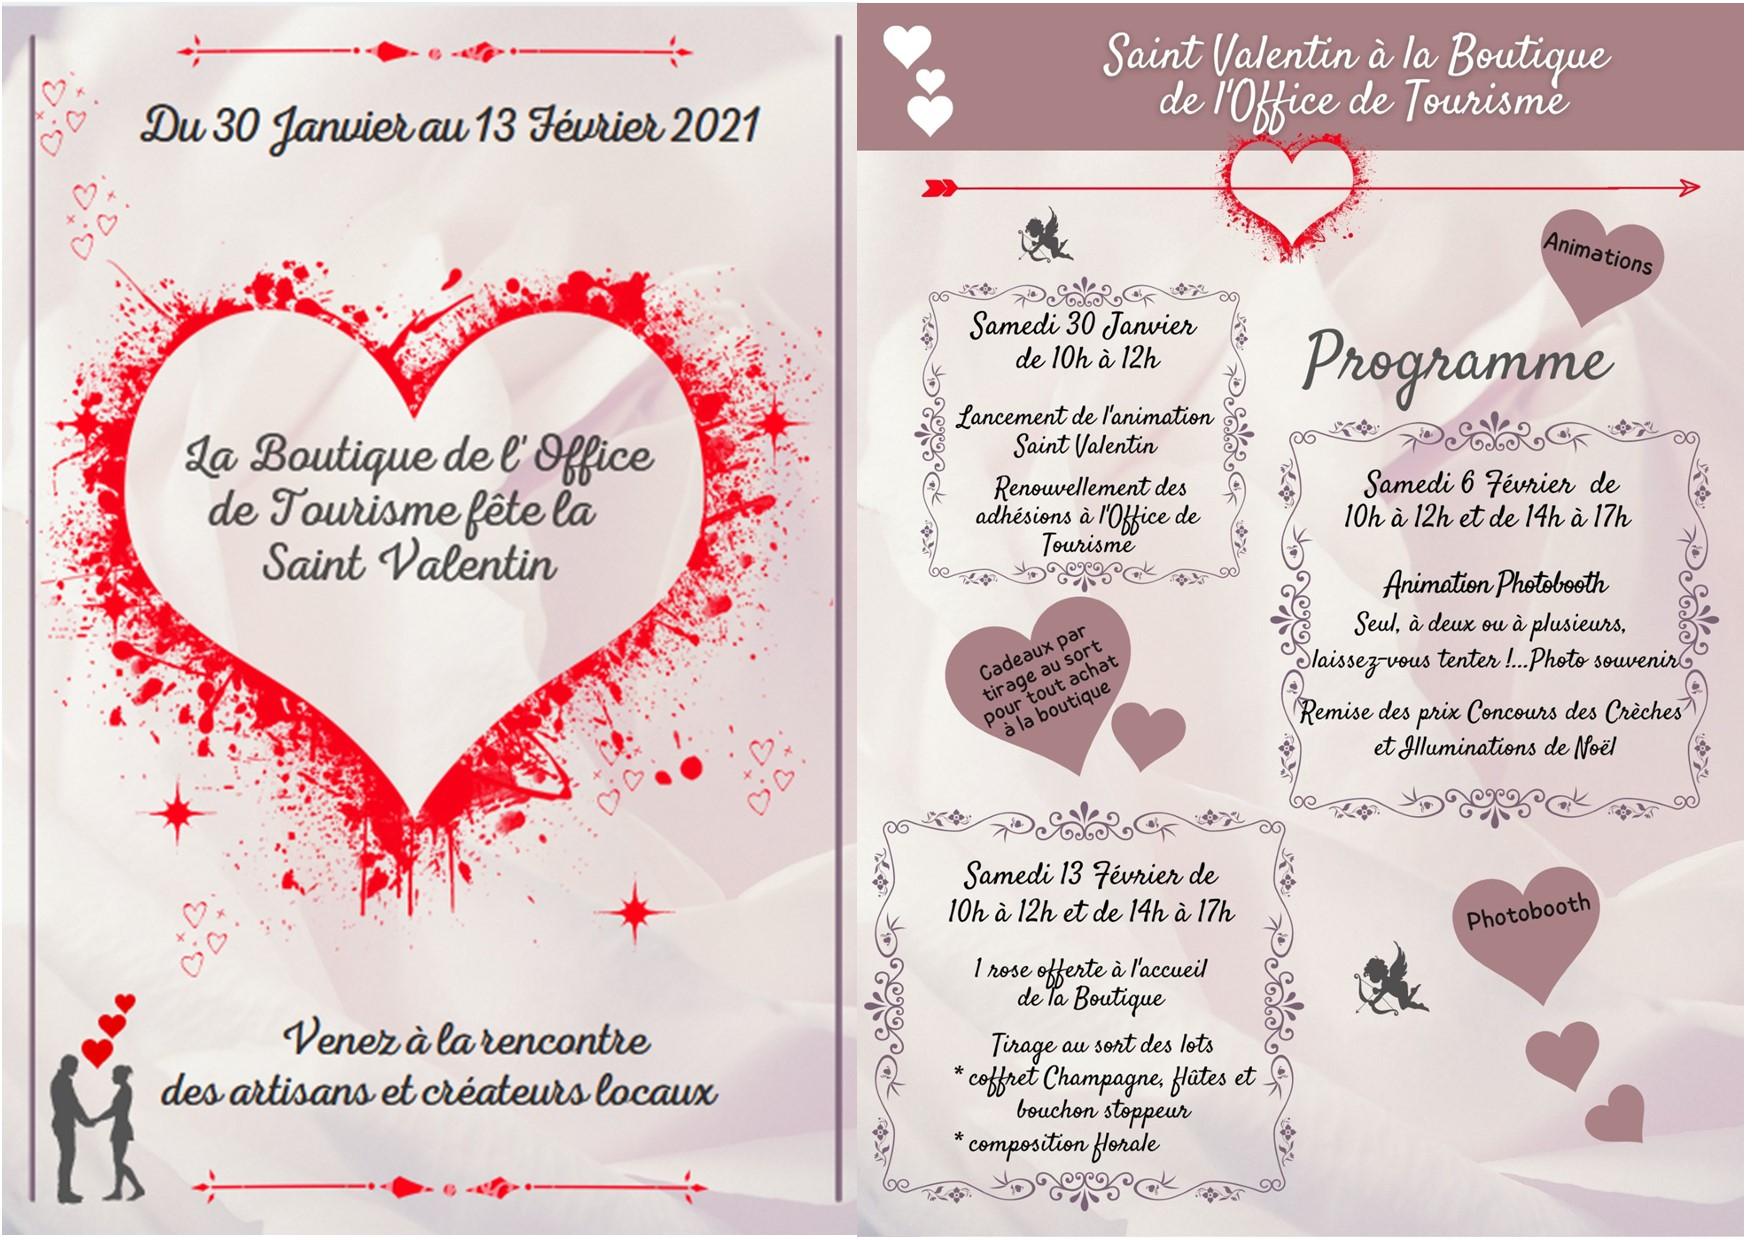 Programme Boutique St Valentin